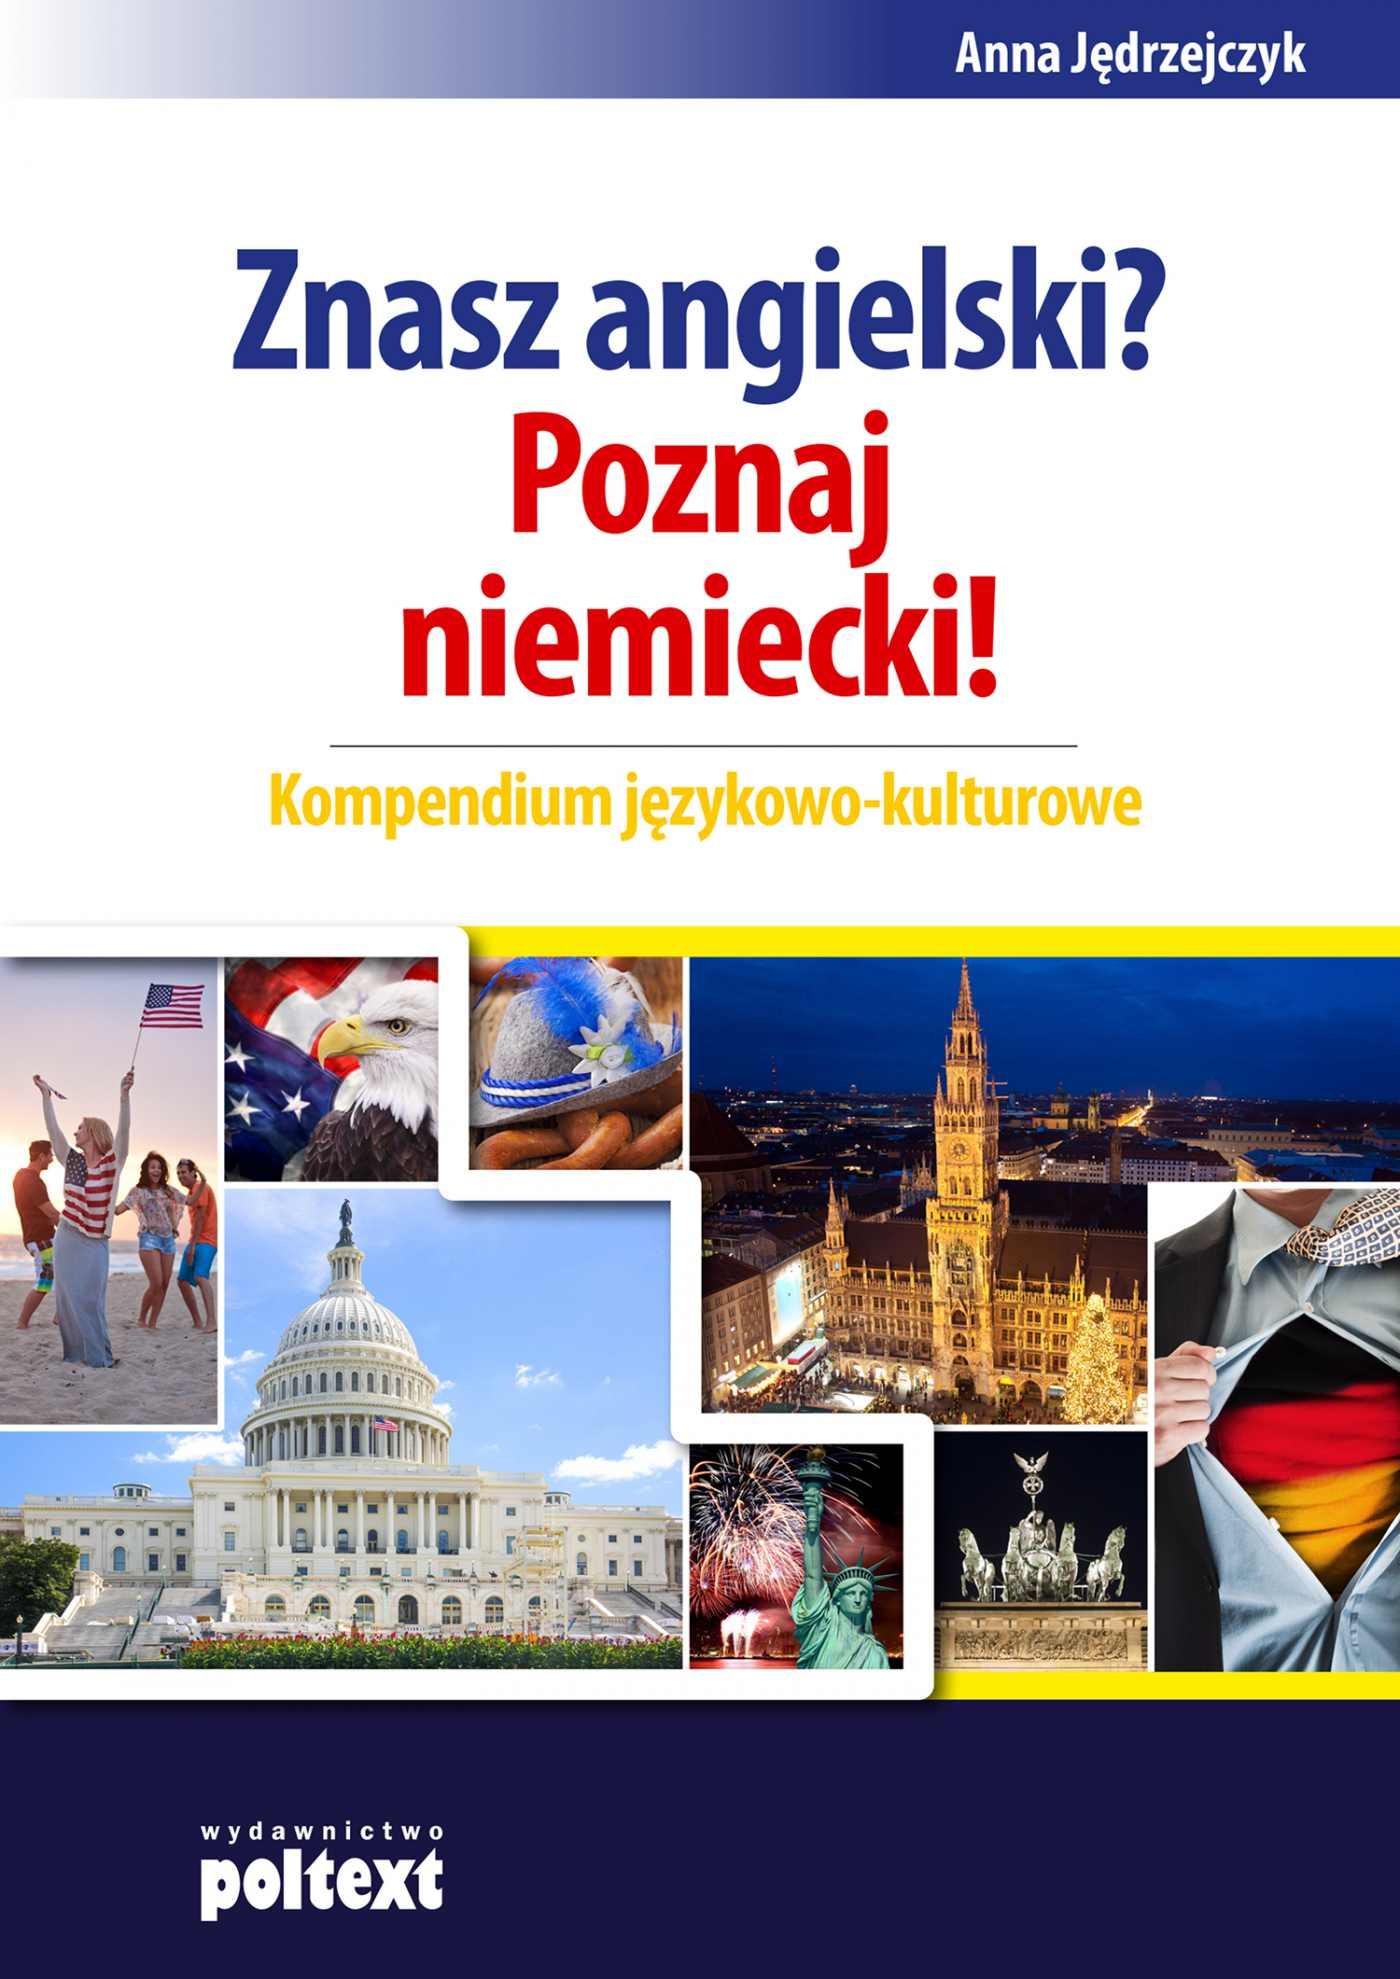 Znasz angielski? Poznaj niemiecki! Kompendium językowo-kulturowe - Ebook (Książka EPUB) do pobrania w formacie EPUB